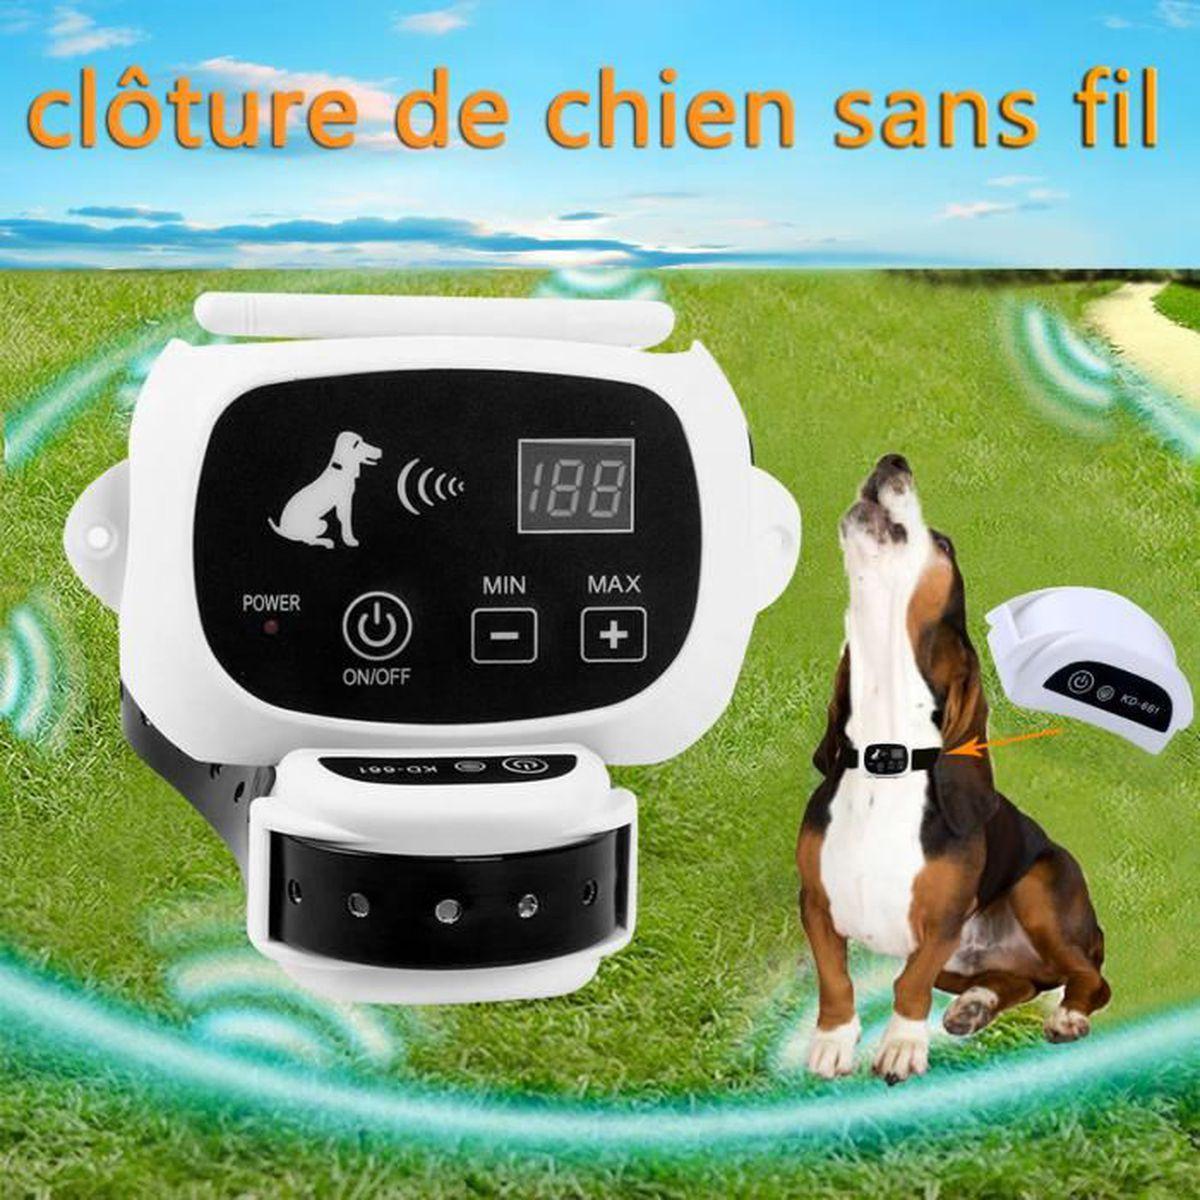 Cloture De Chien Sans Fil Emetteur A Telecommande De Rayon De